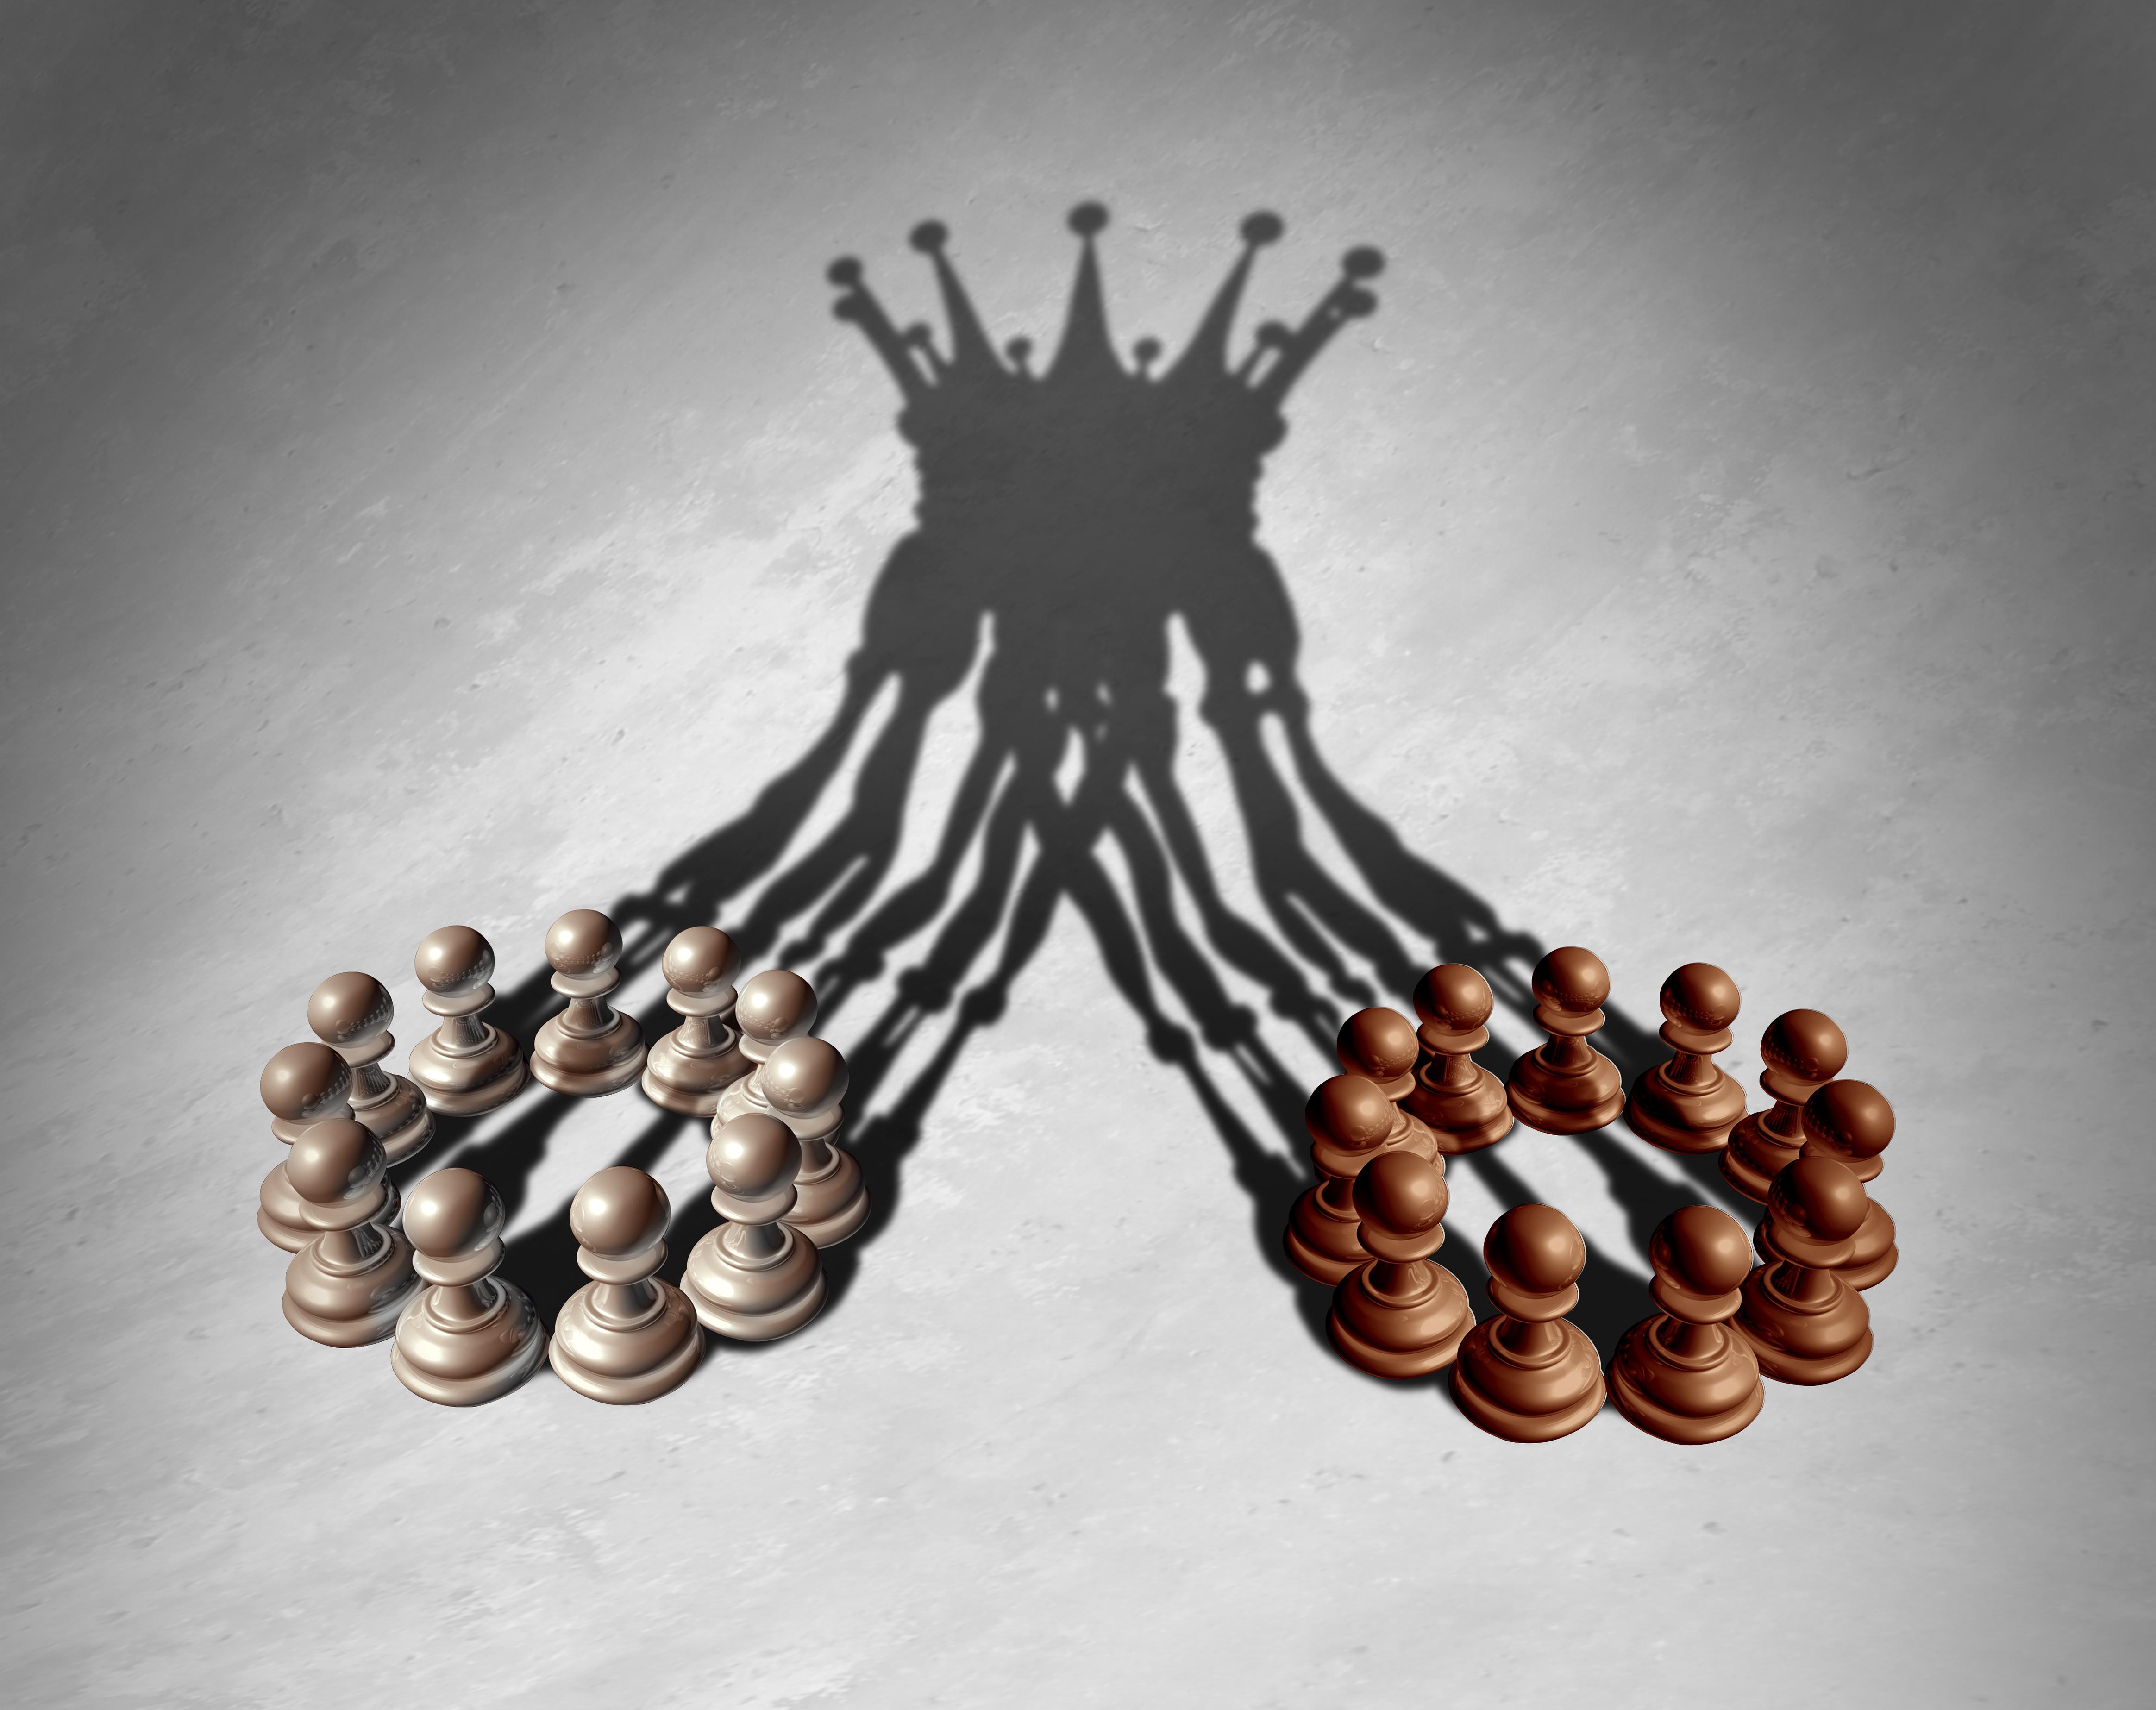 Bir kral tacını oluşturan satranç piyonlarının görüntüsü, bir birleşmeyi temsil etmek için gölge düşürdü.